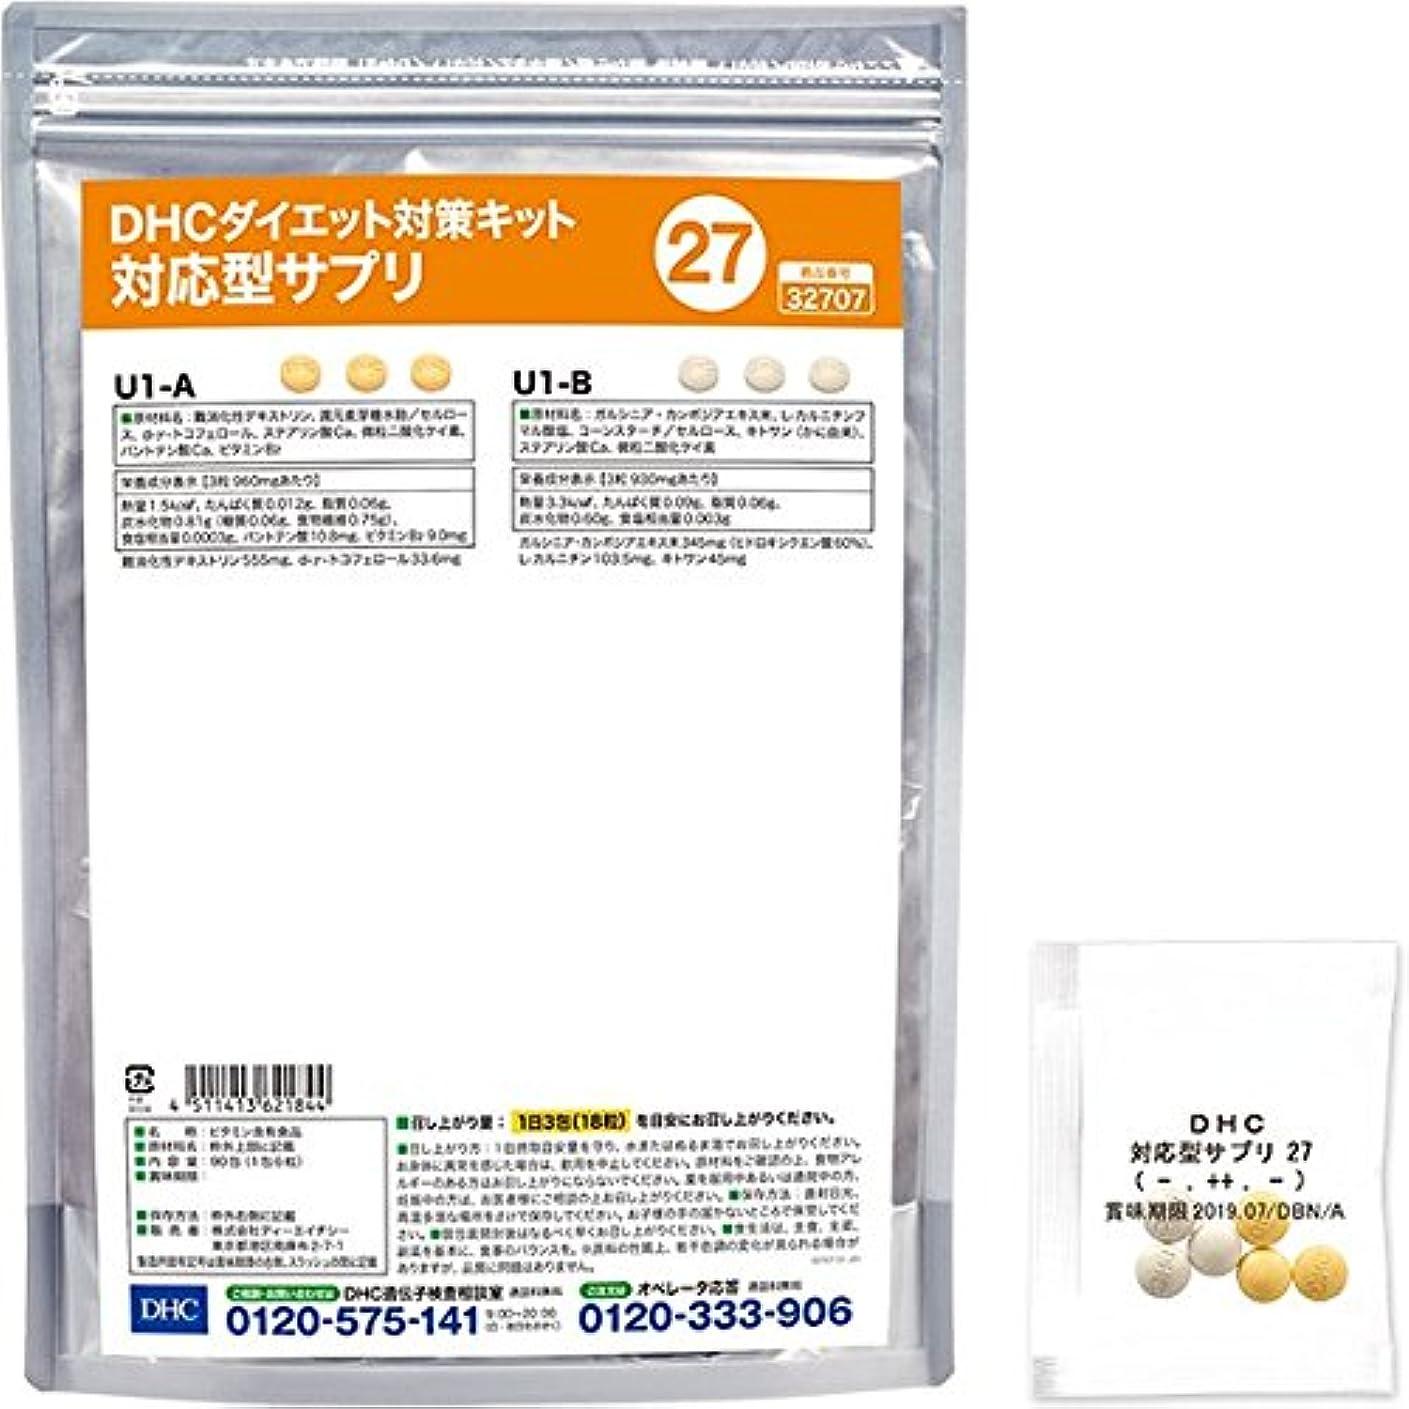 補償見えないトランジスタDHCダイエット対策キット対応型サプリ27